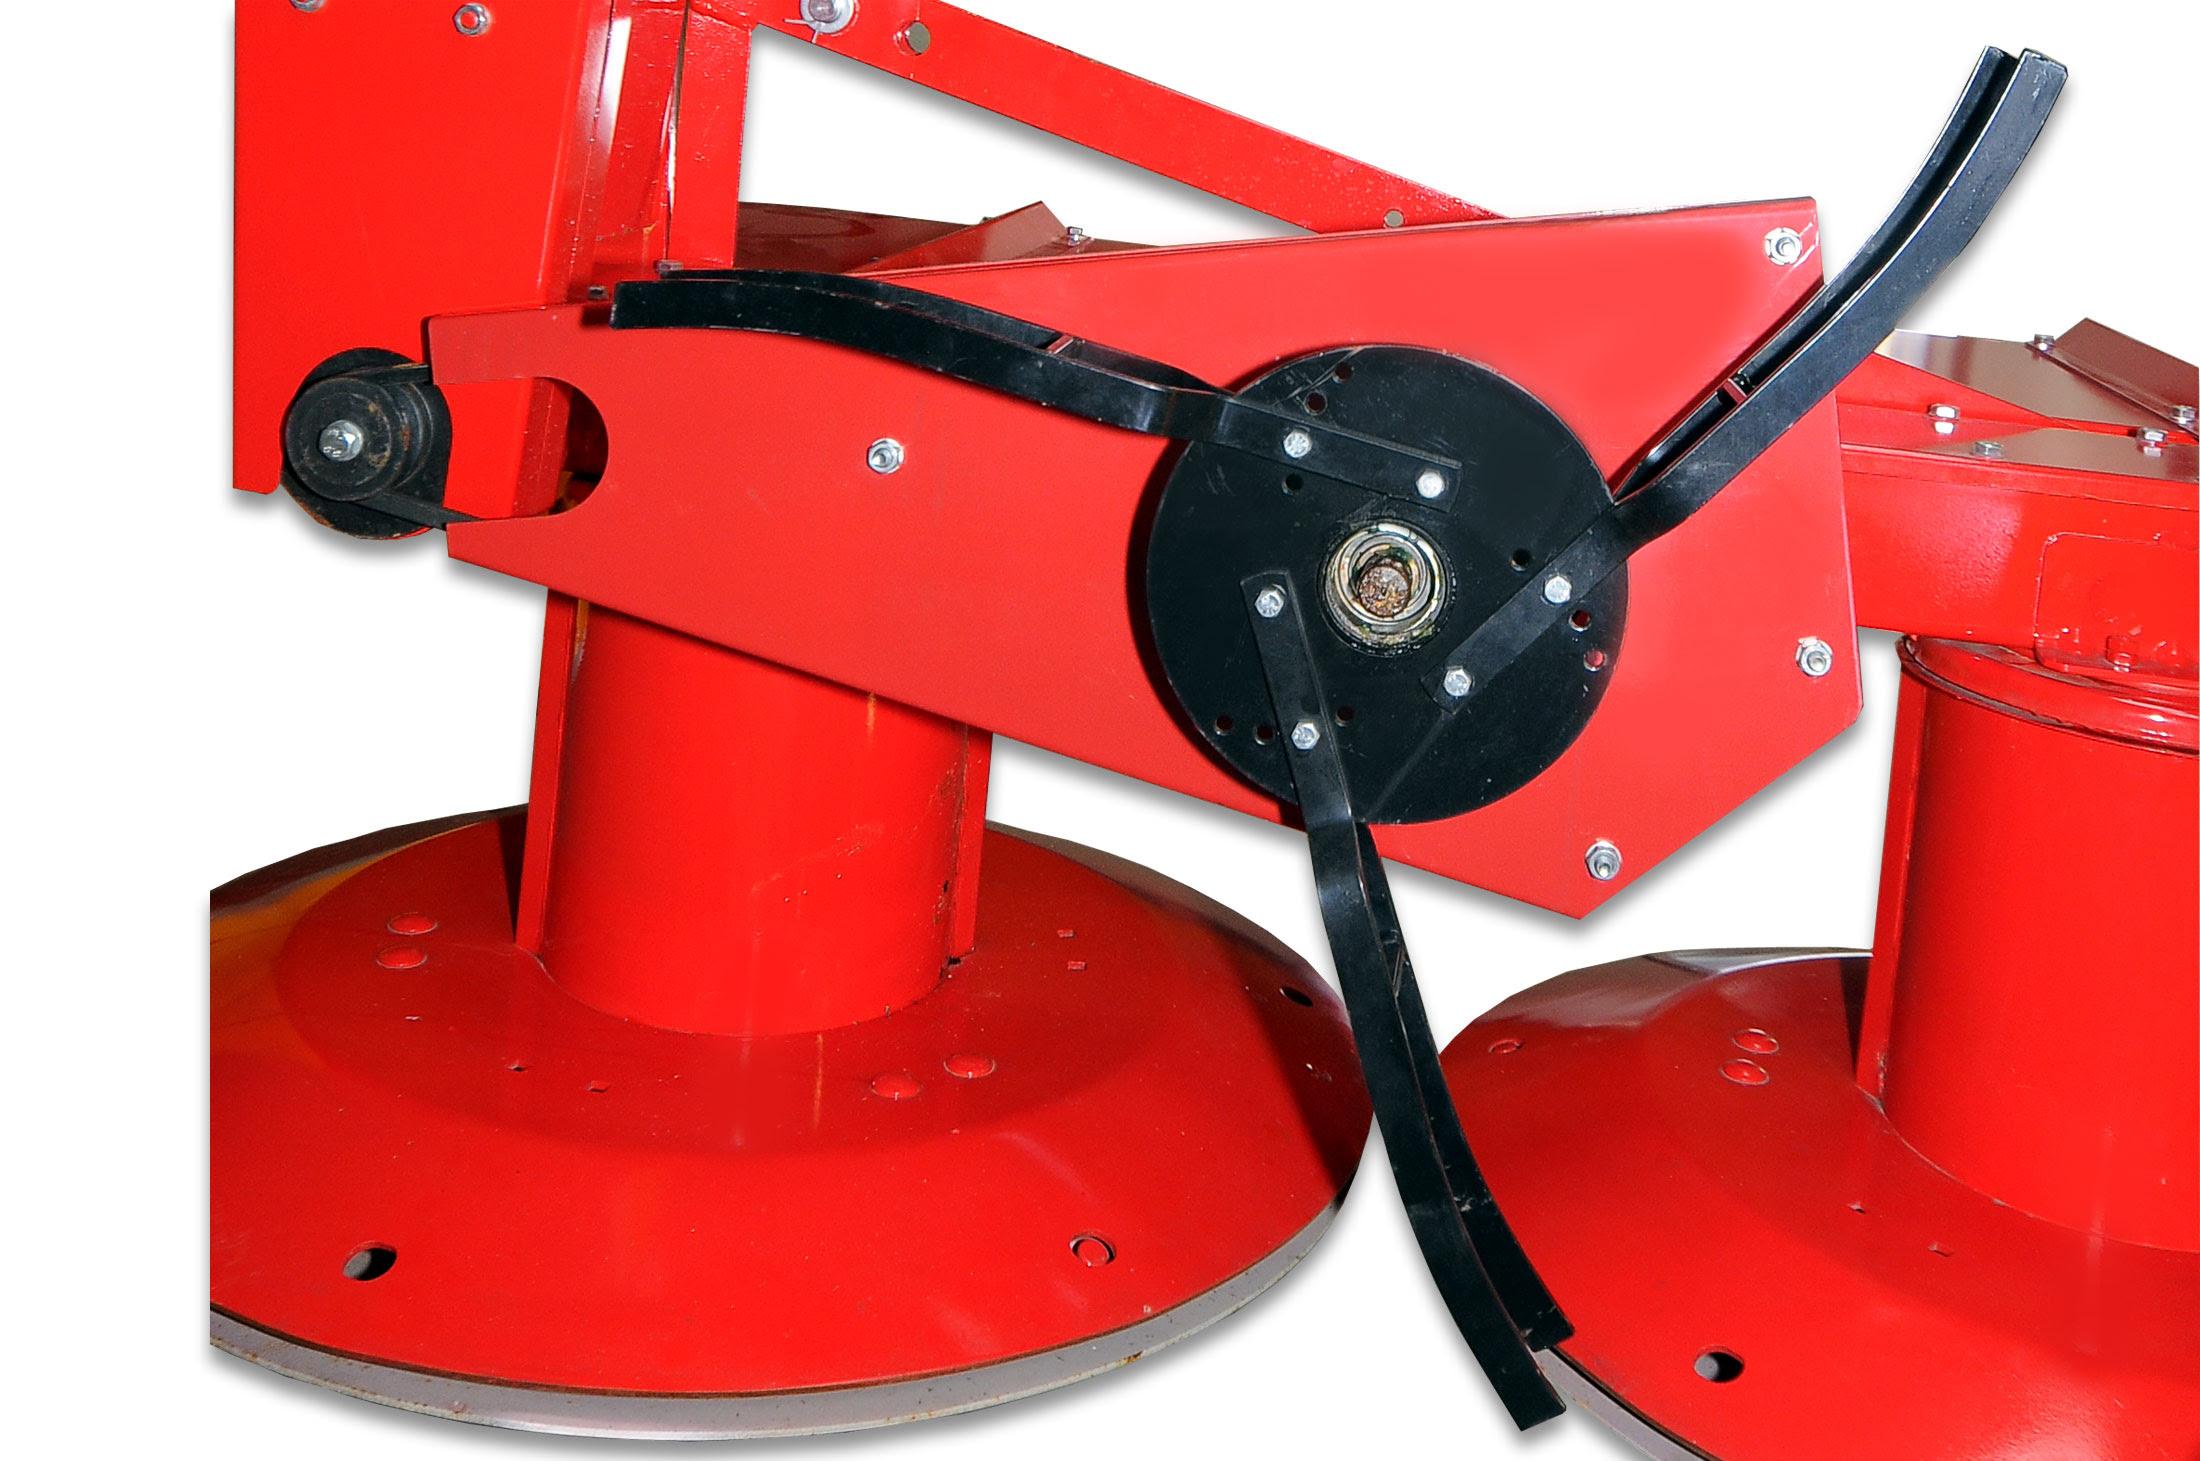 Rotary Mower Z 041 Banrol Rotary Mower Manufacturer